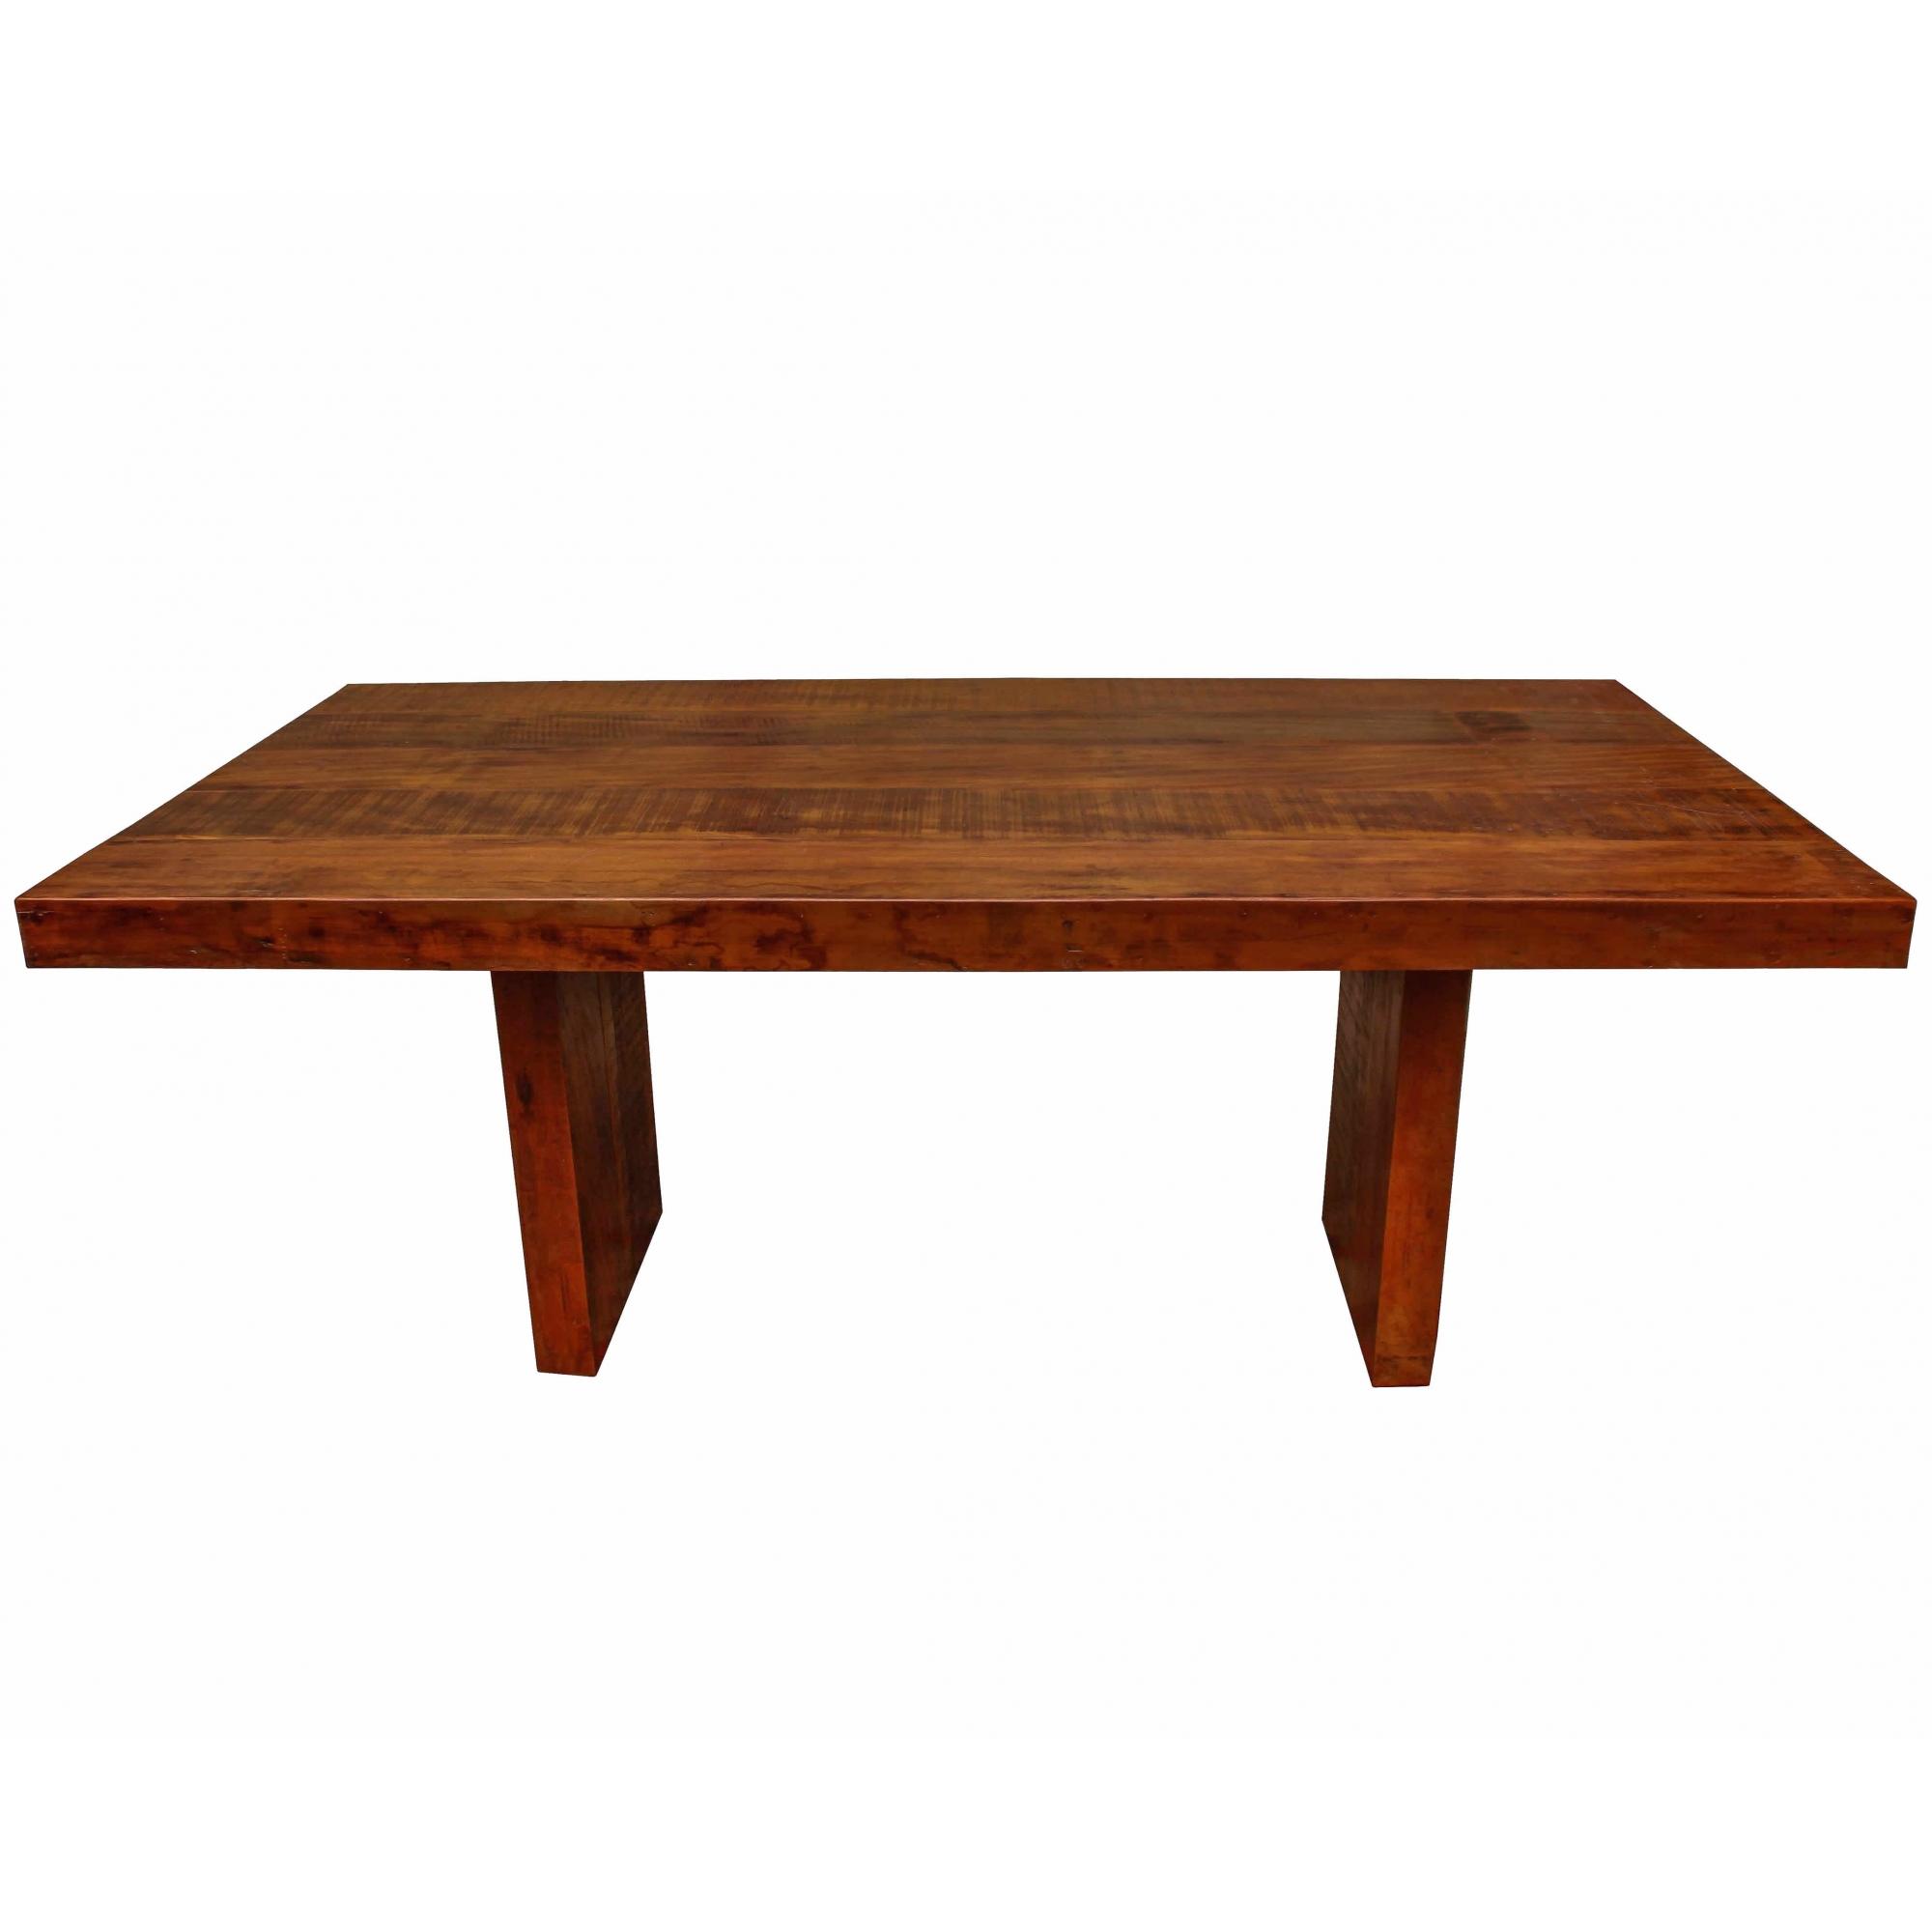 Mesa de Jantar Retangular 1,80x0,90x0,78 Madeira De Demolição